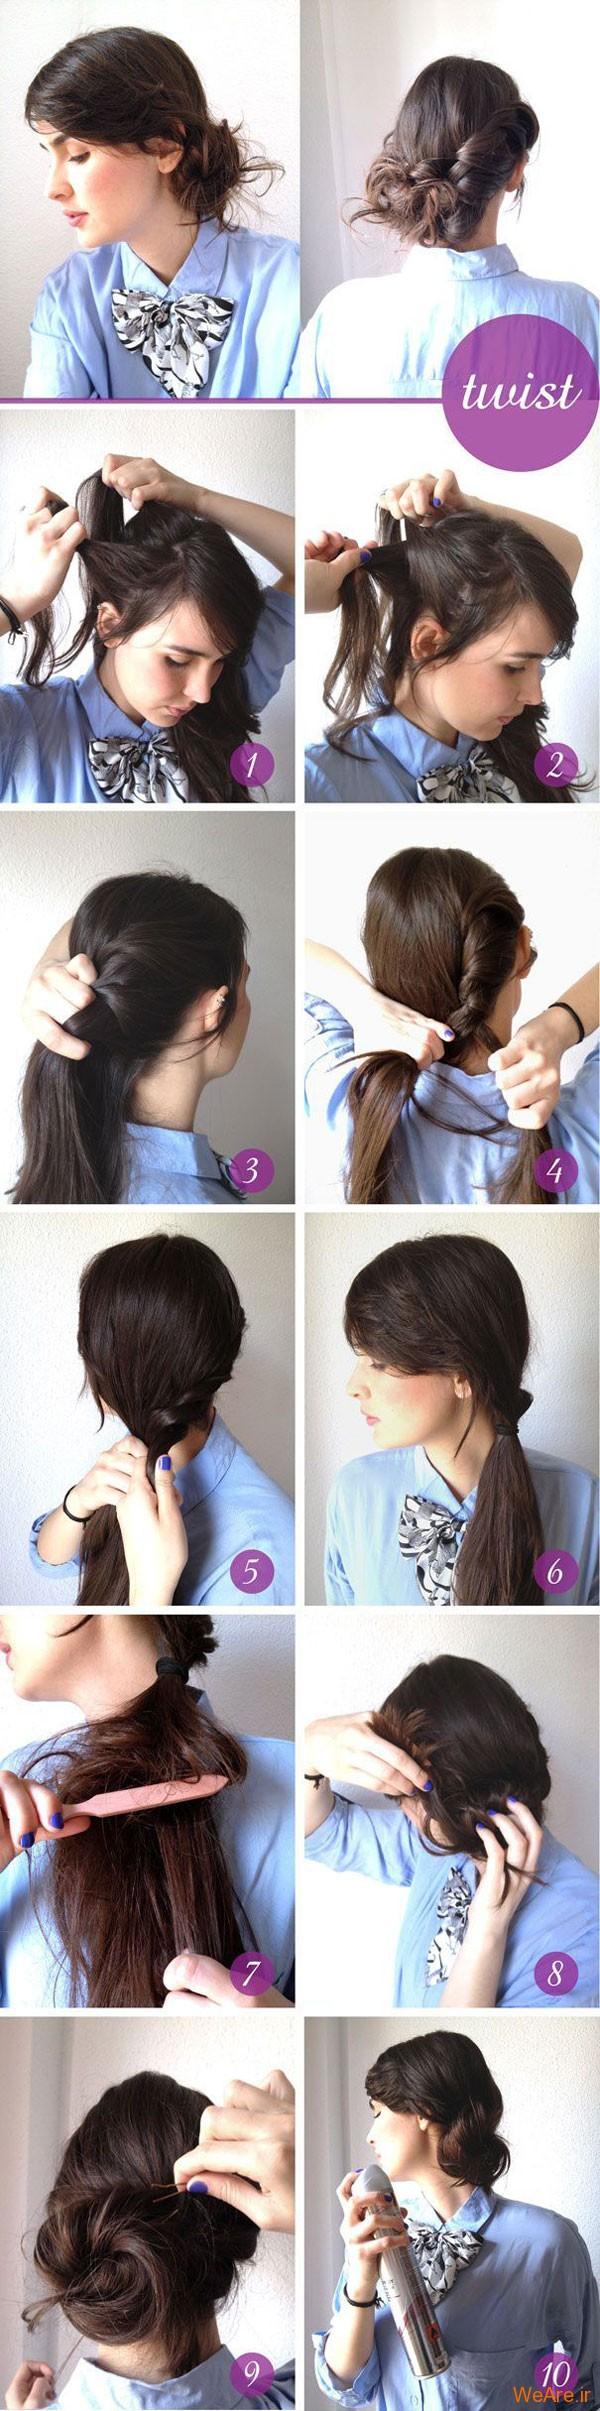 روش های بستن مو (2)